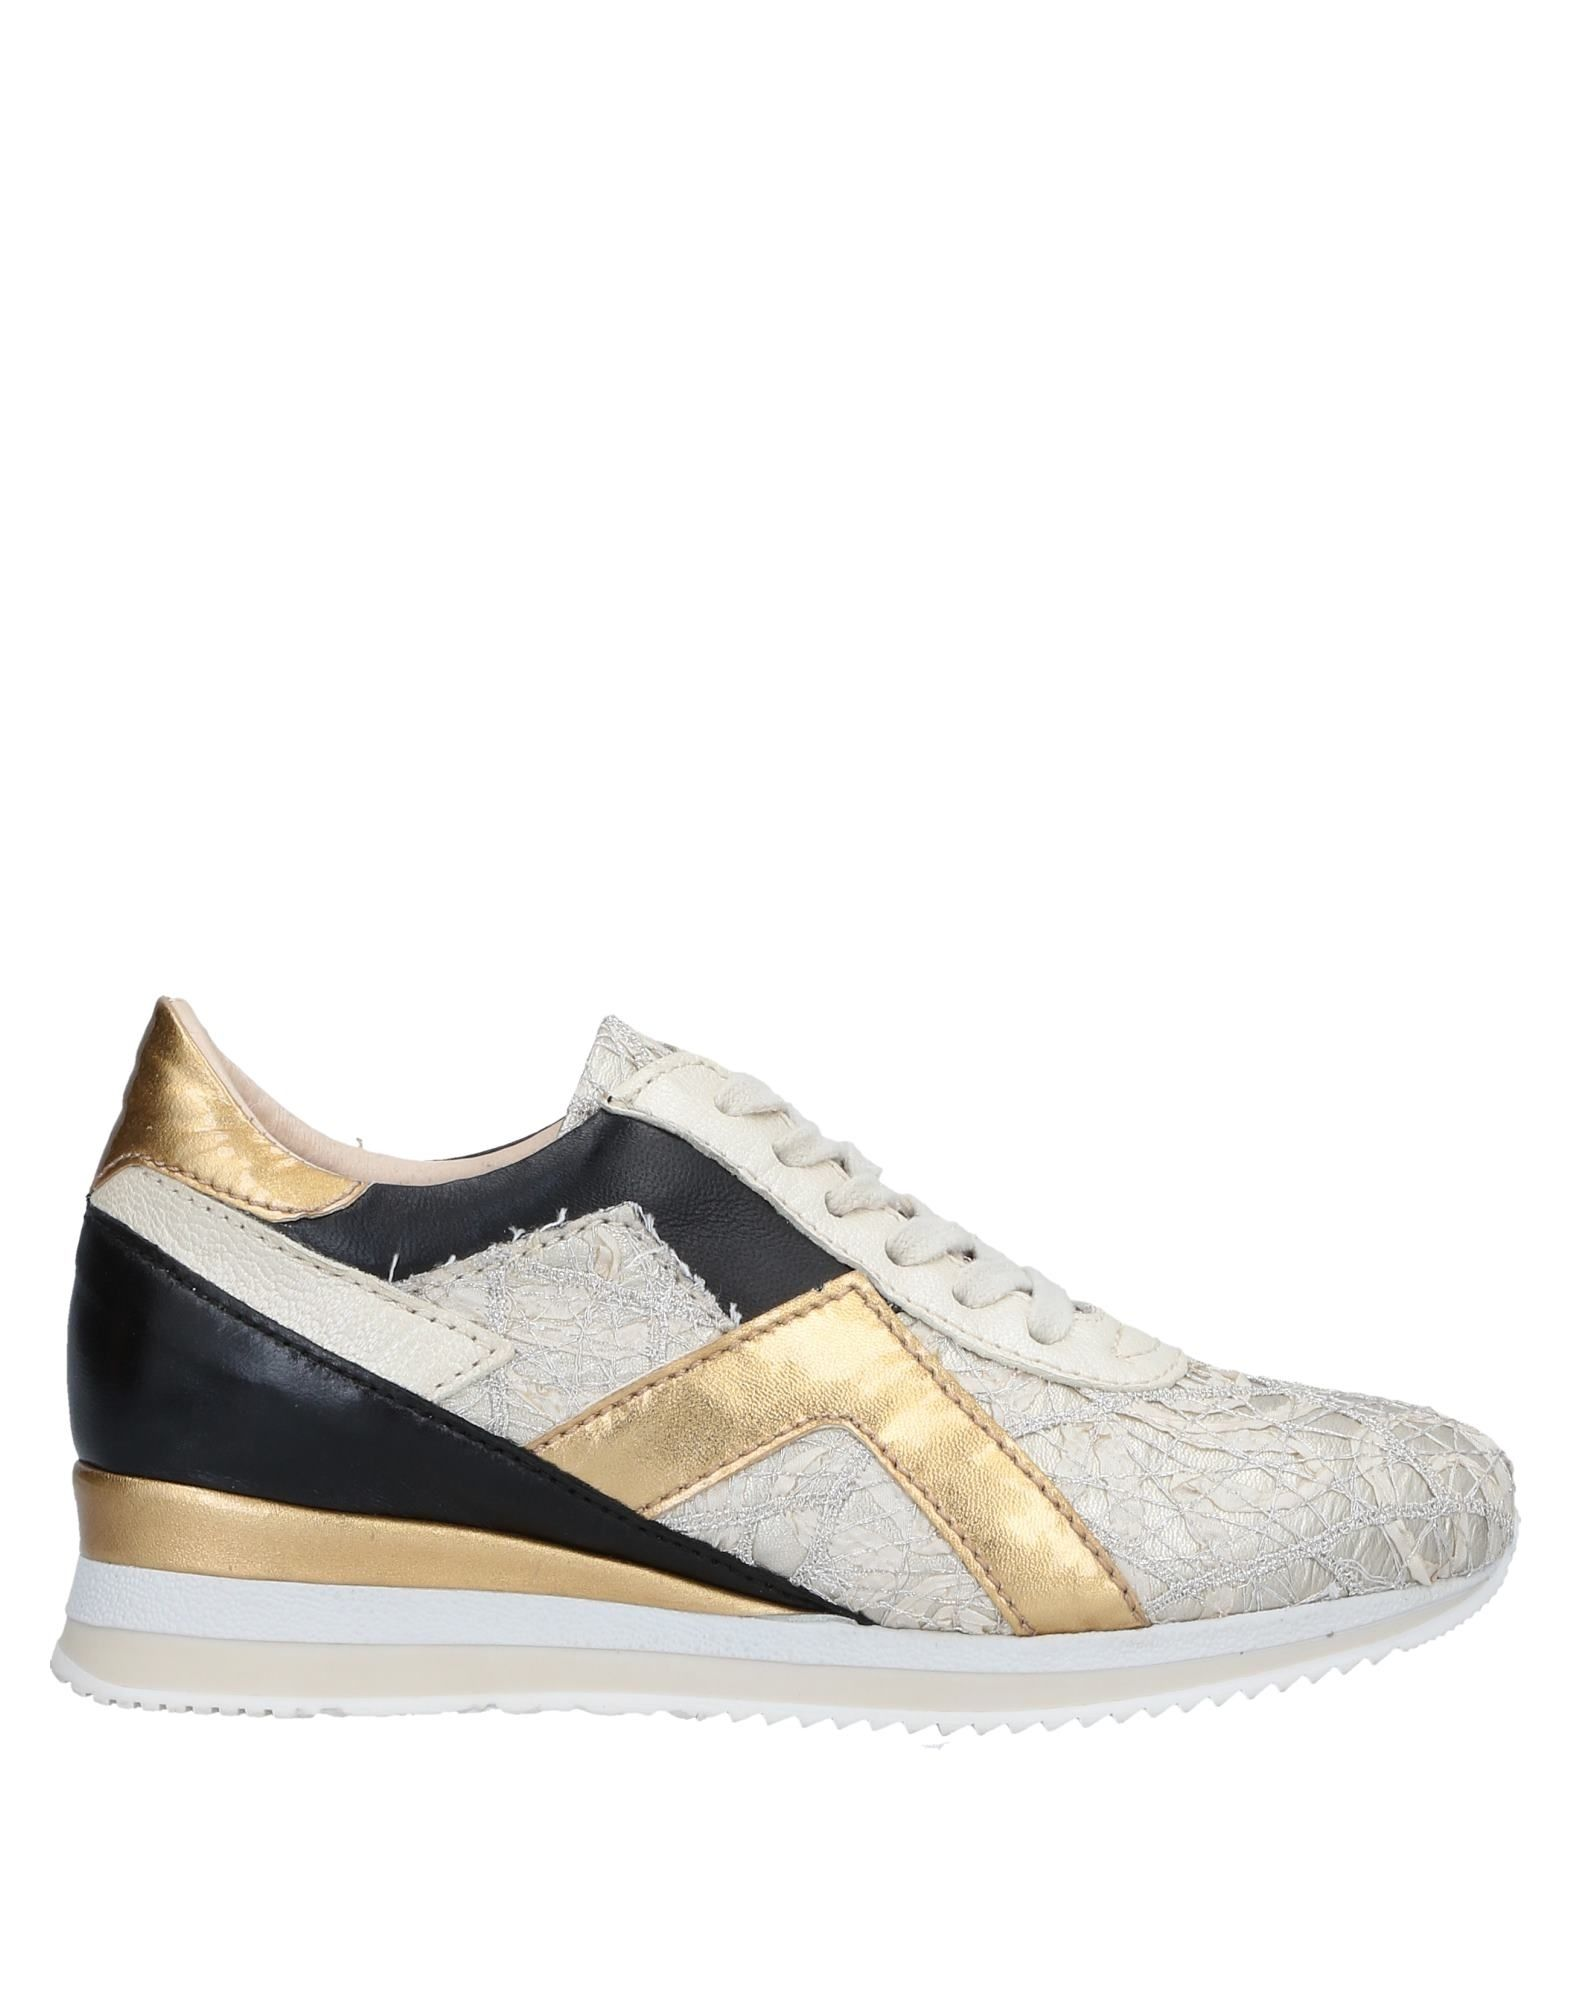 Moda Donna Sneakers Mjus Donna Moda - 11534559MI 8f4424